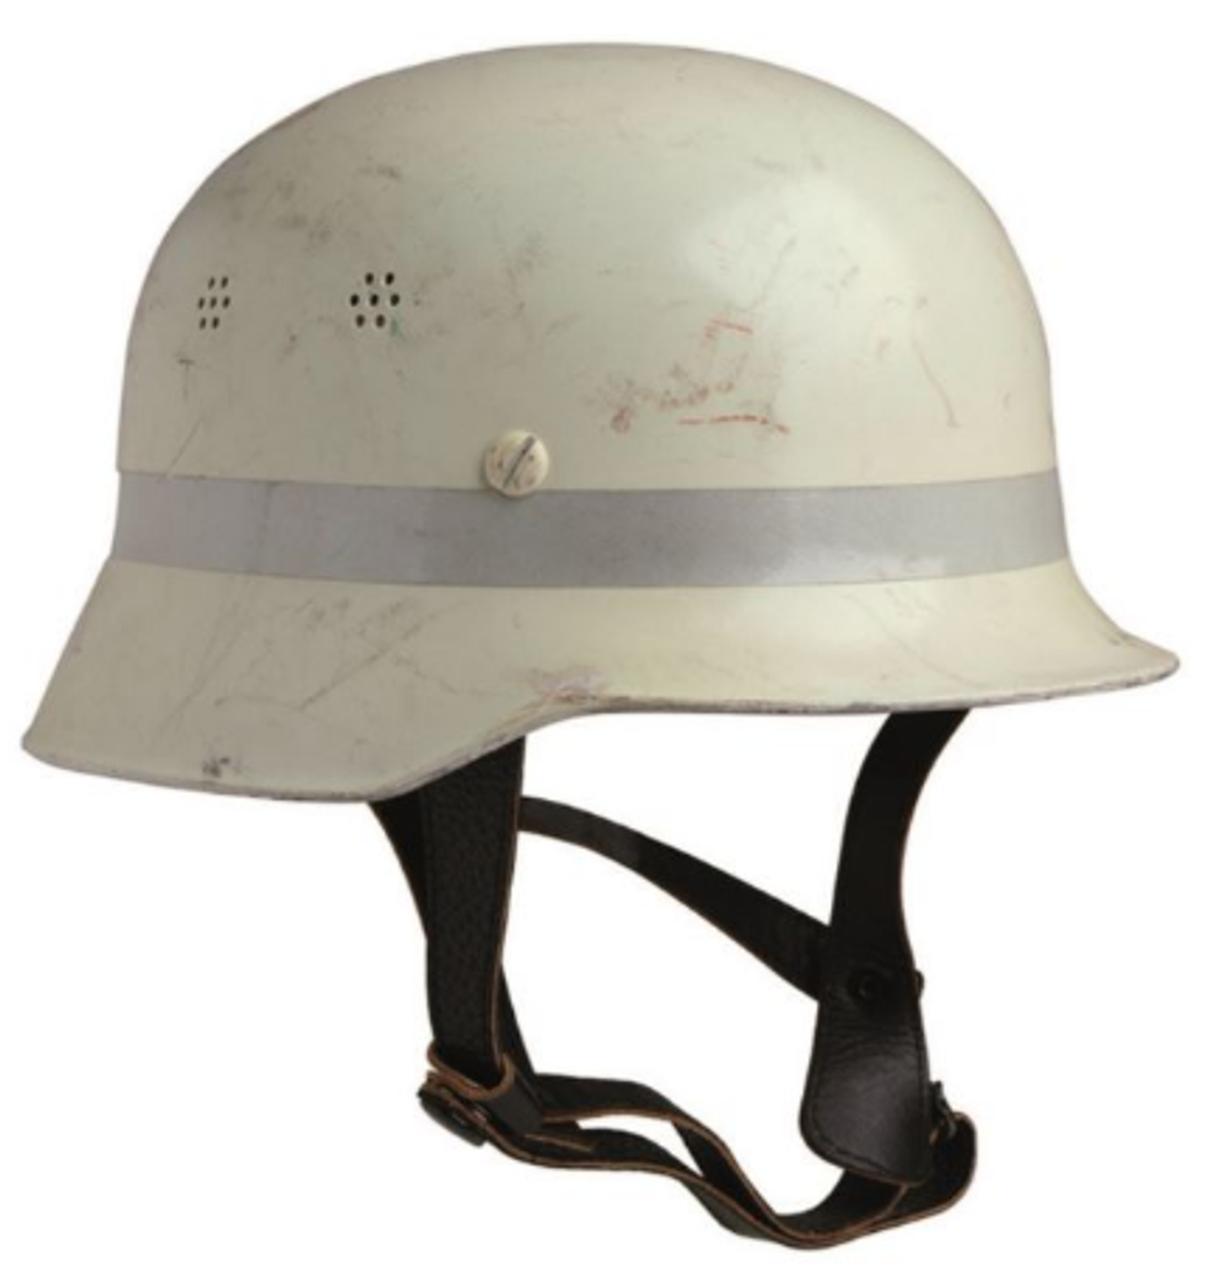 Surplus German Fireman Helmet